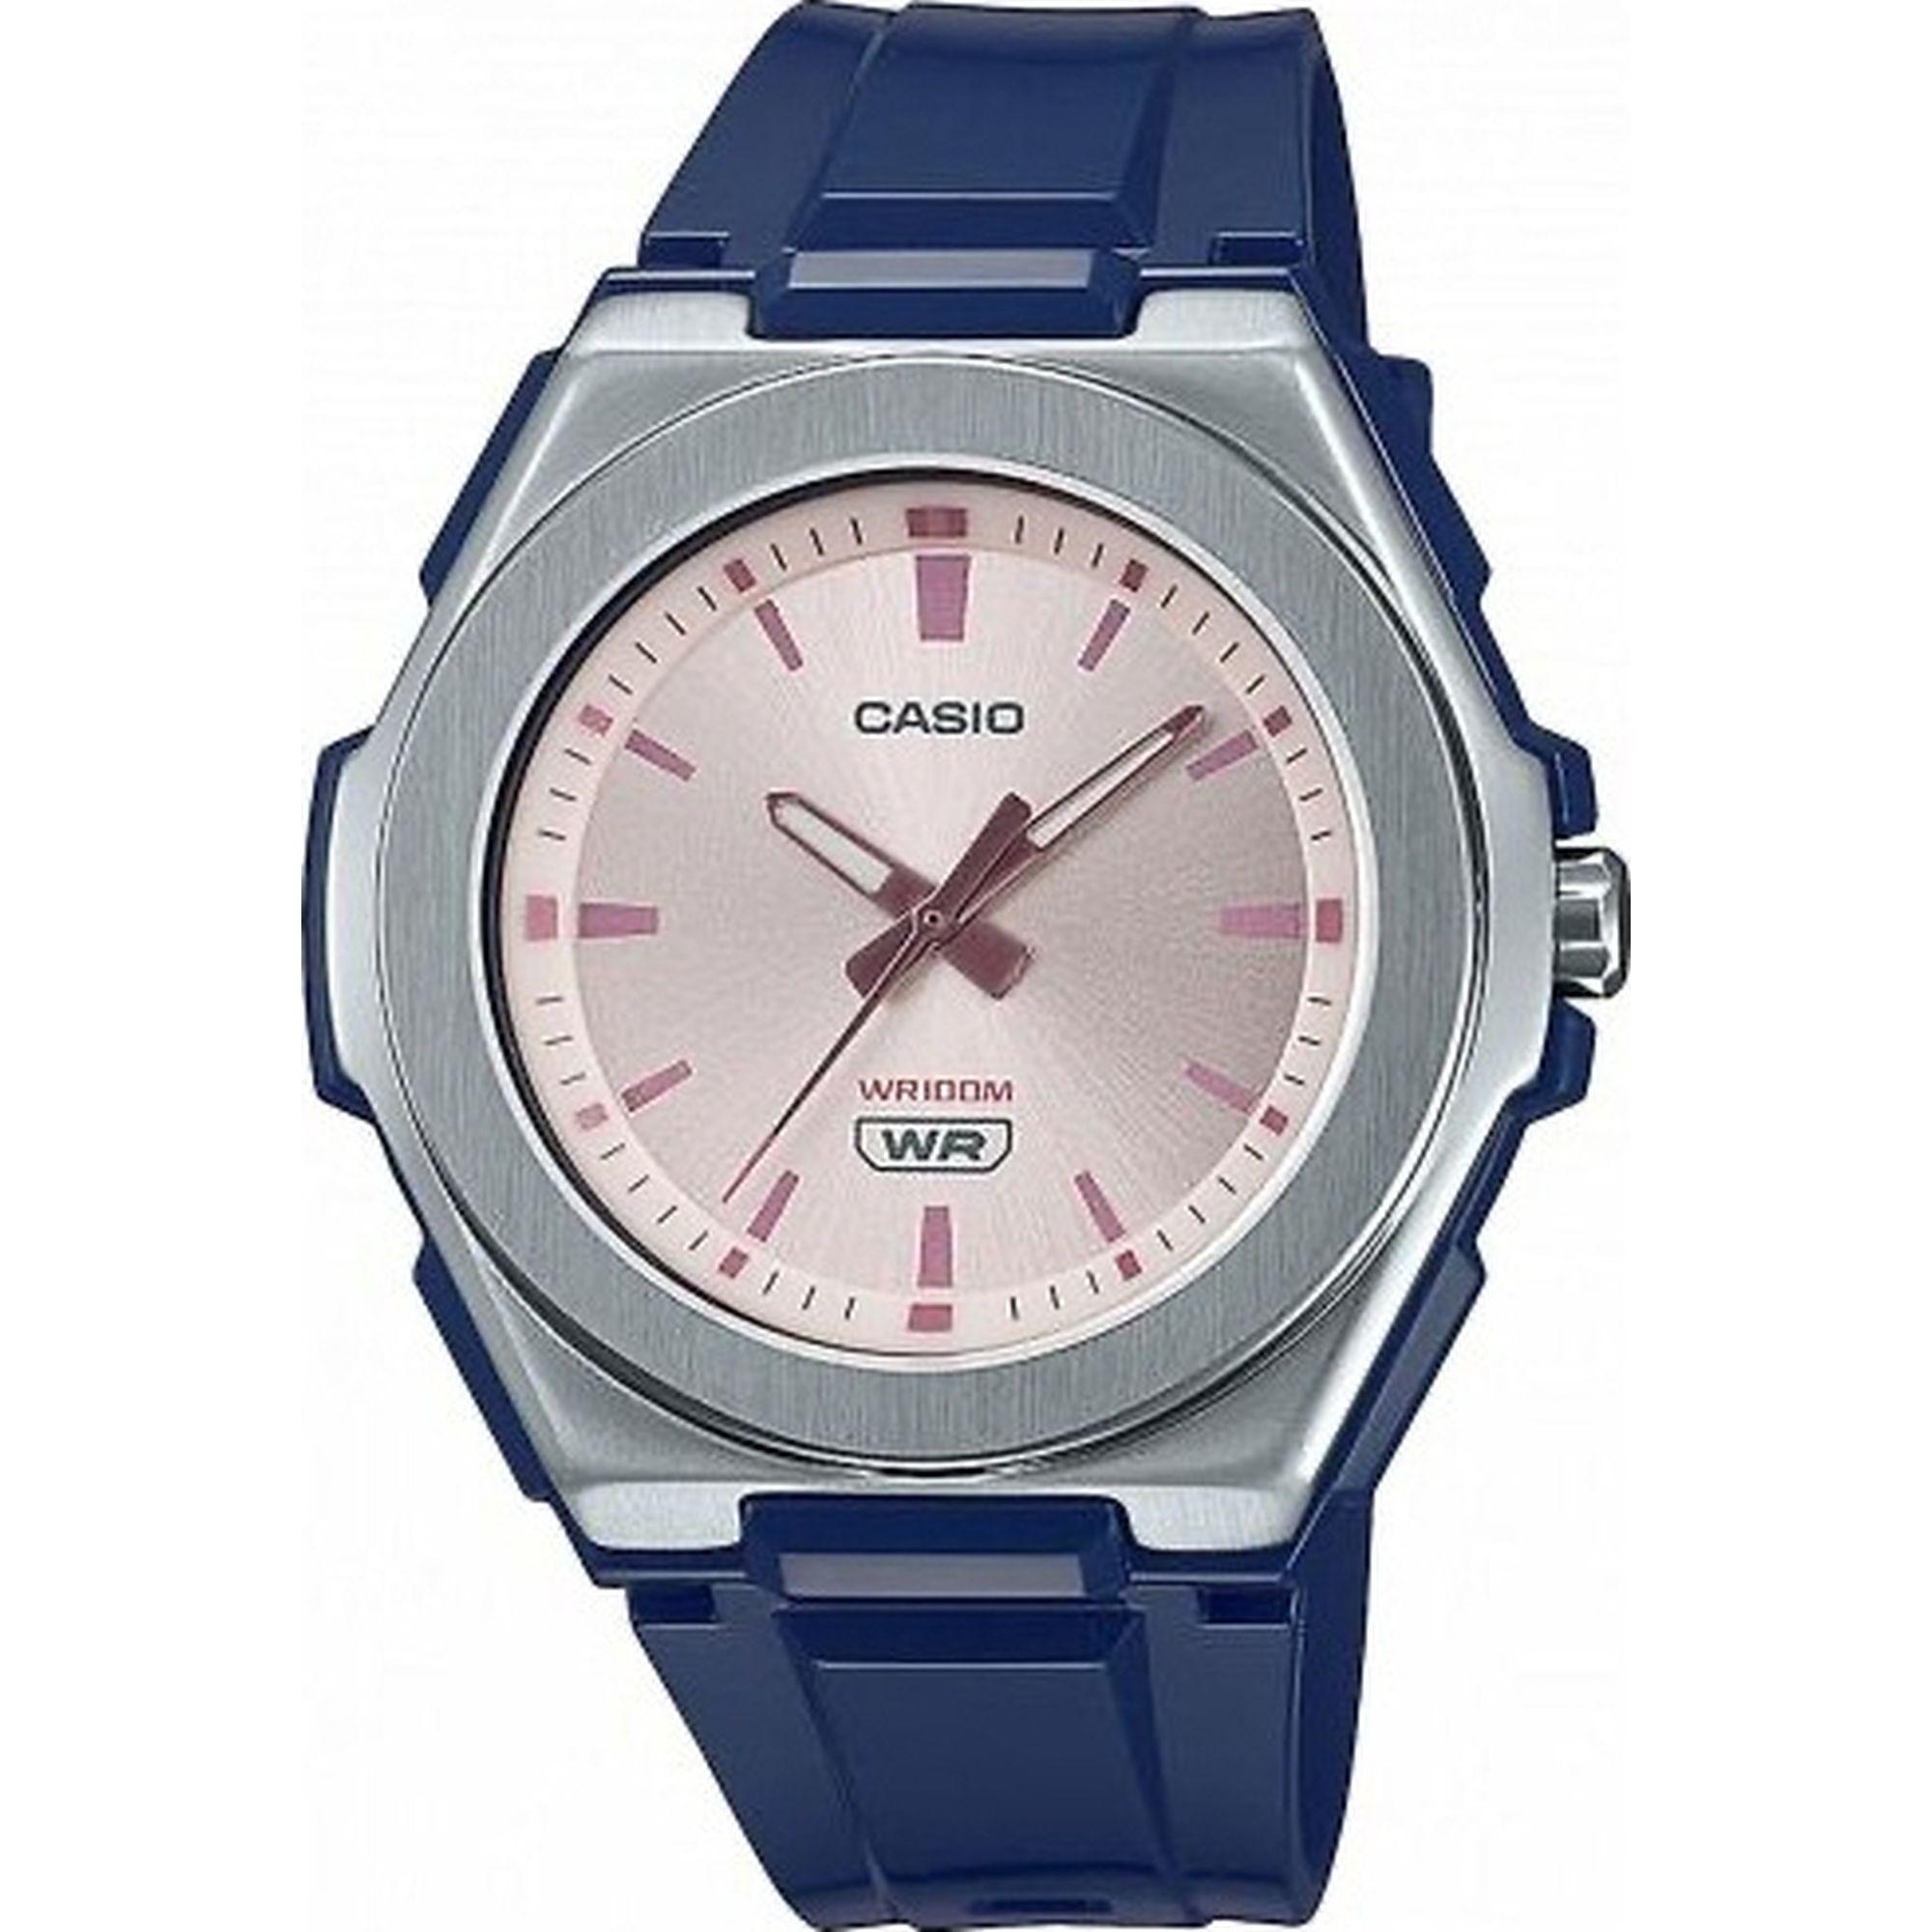 Casio Ρολόι με Λουράκι σε Μπλέ χρώμα LWA-300H-2EVEF